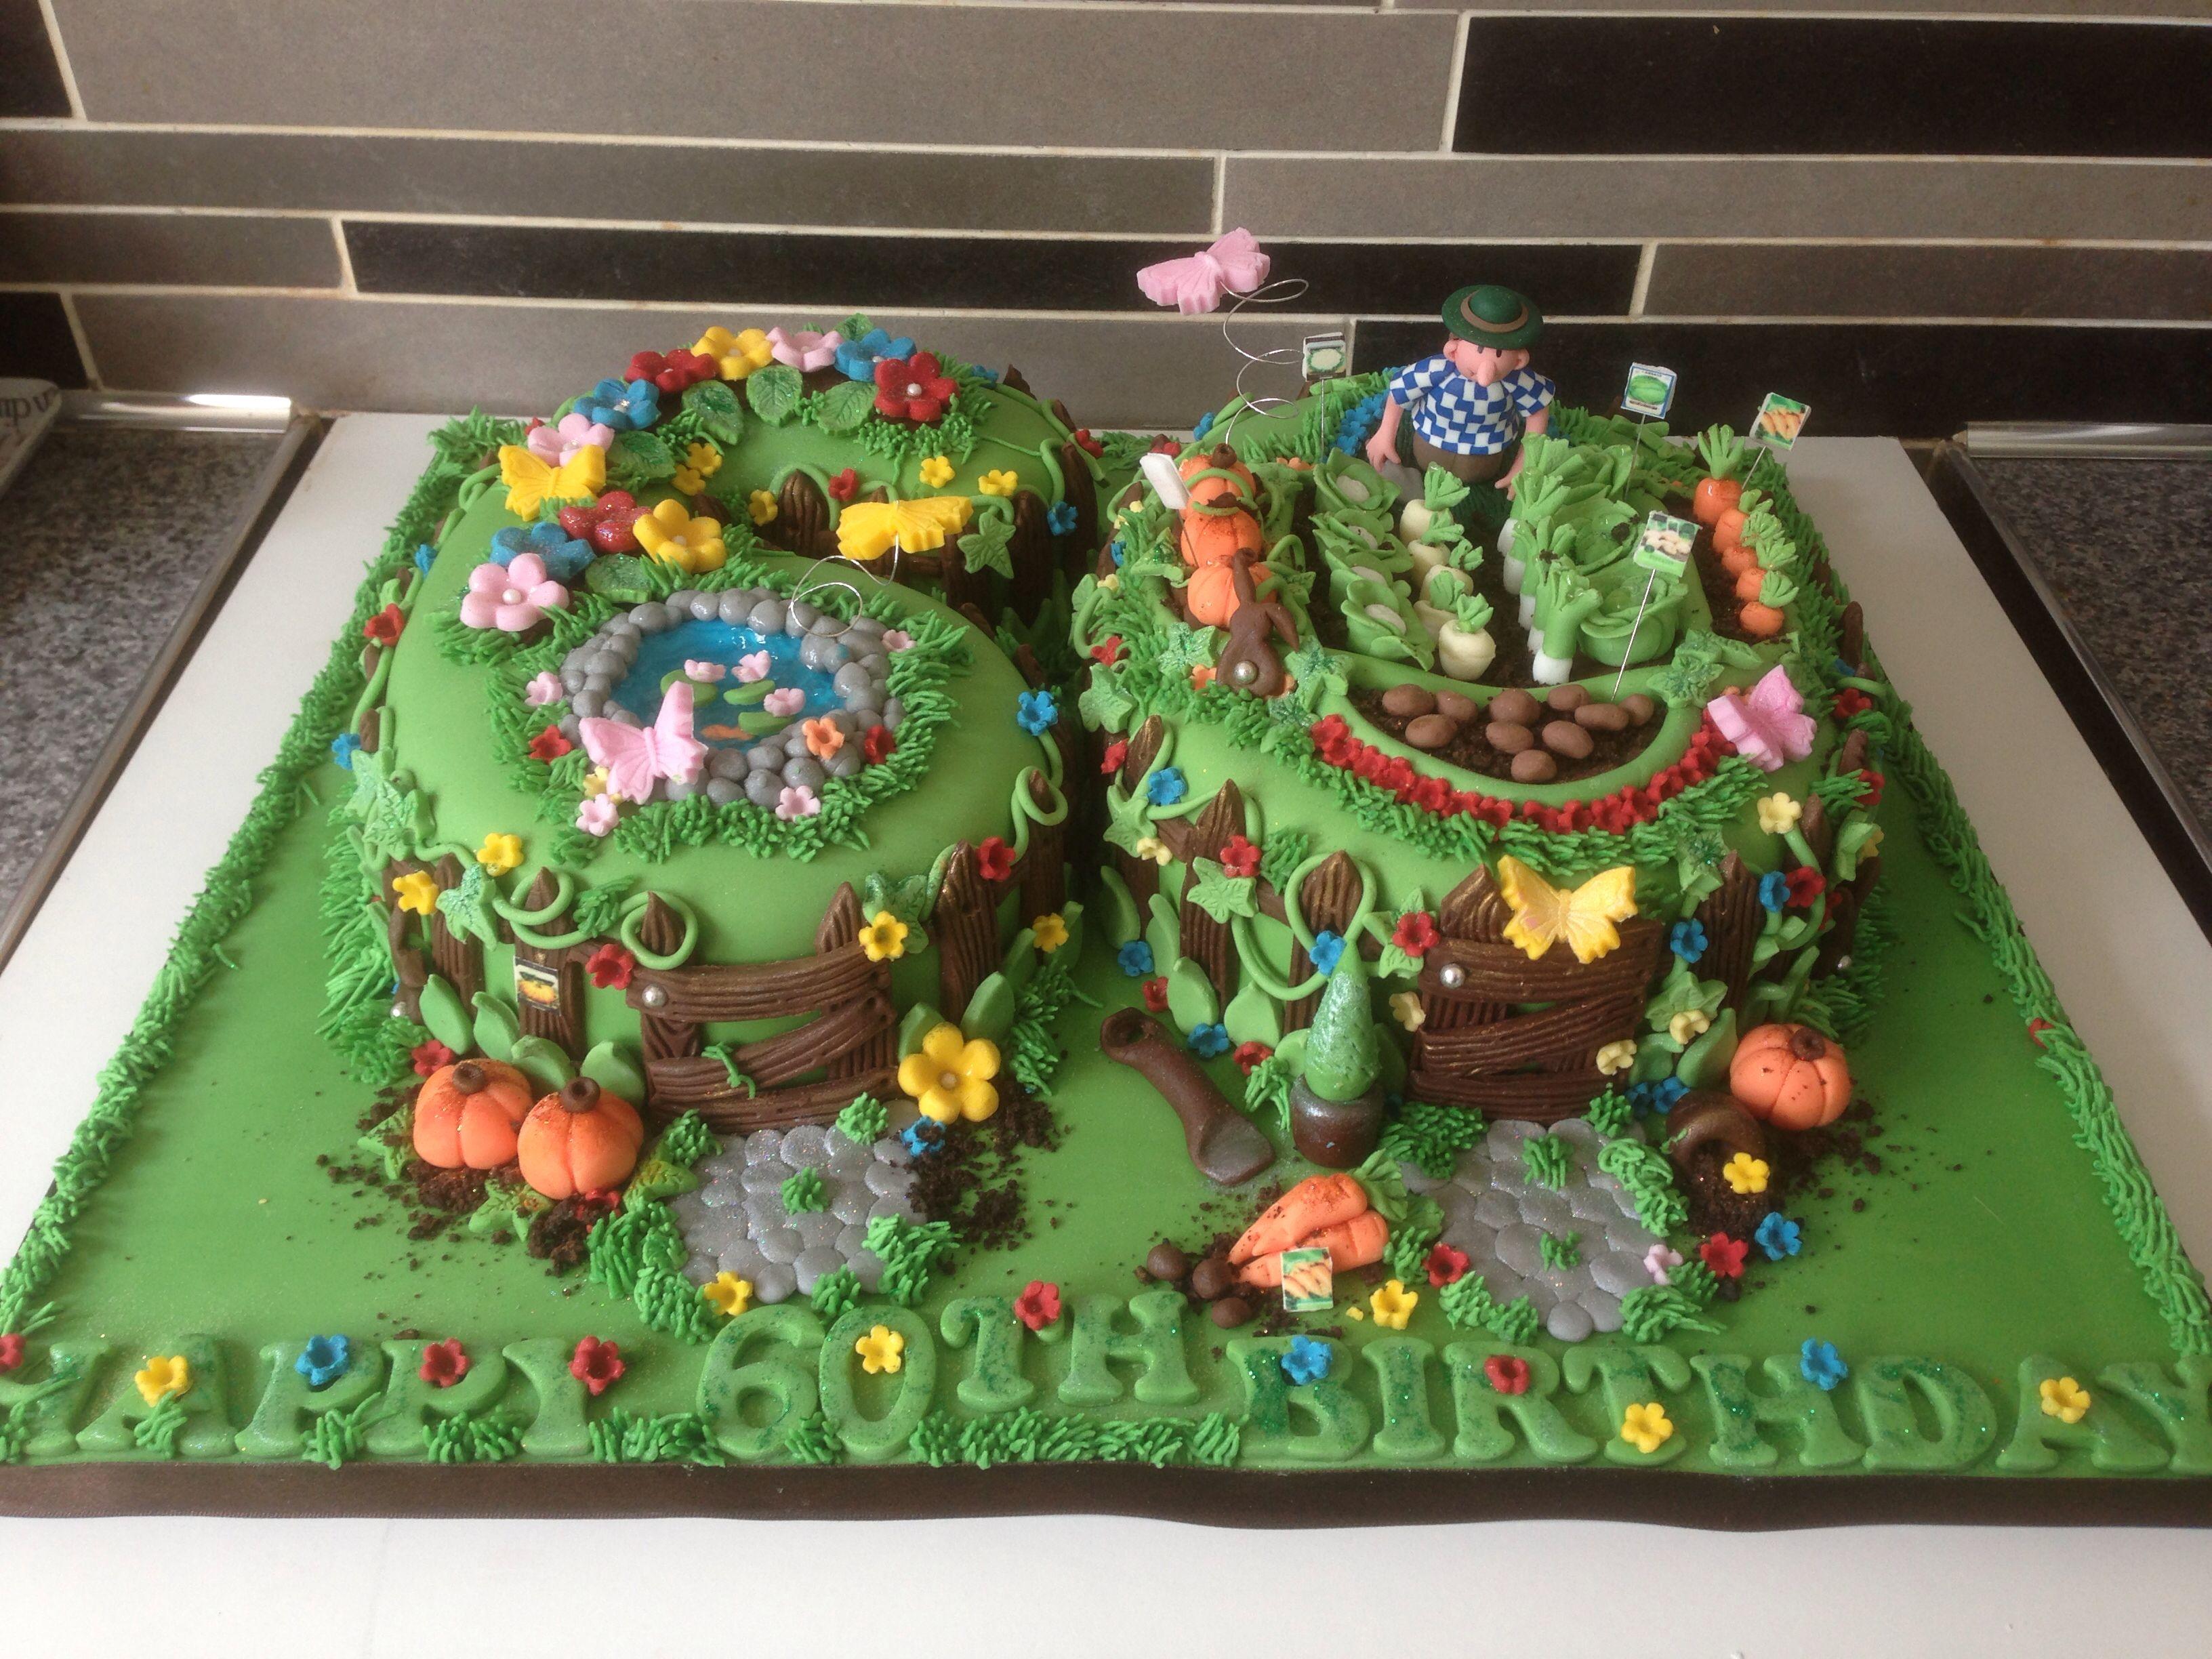 60th Garden Cake by Jodalicious Cupcakes   Jodalicious Cakes and ...